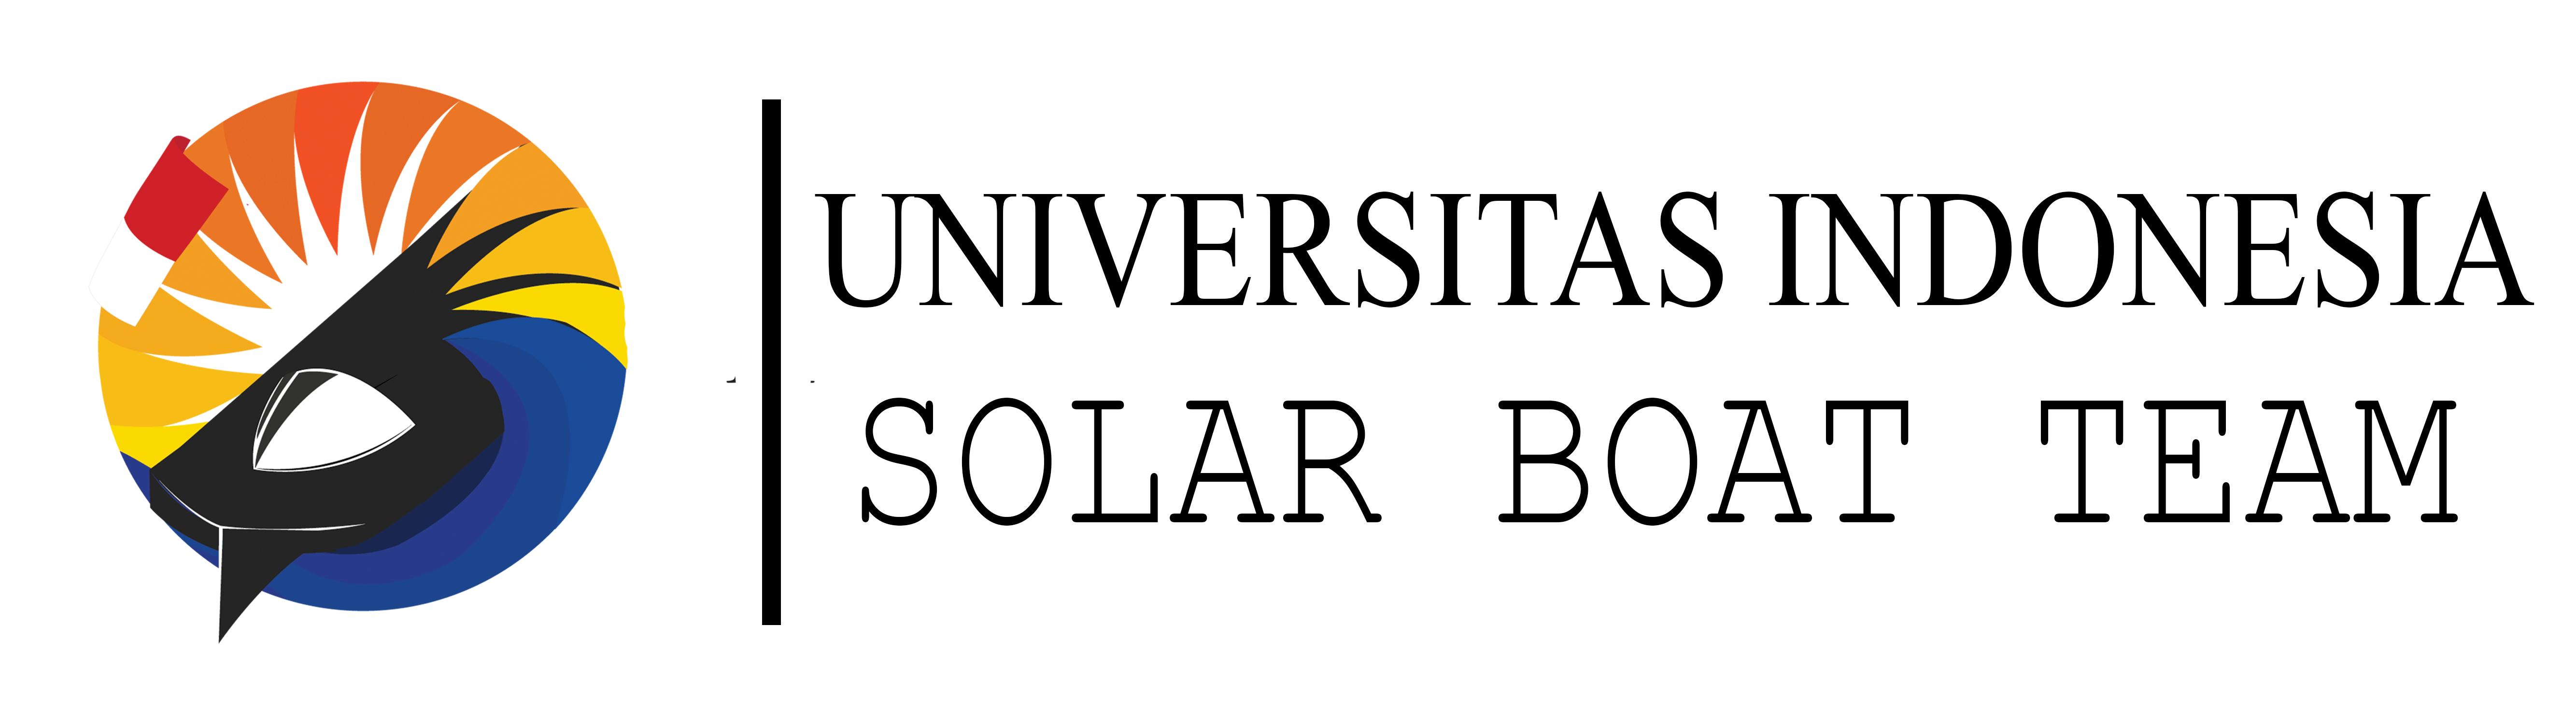 Solar Boat Team UI